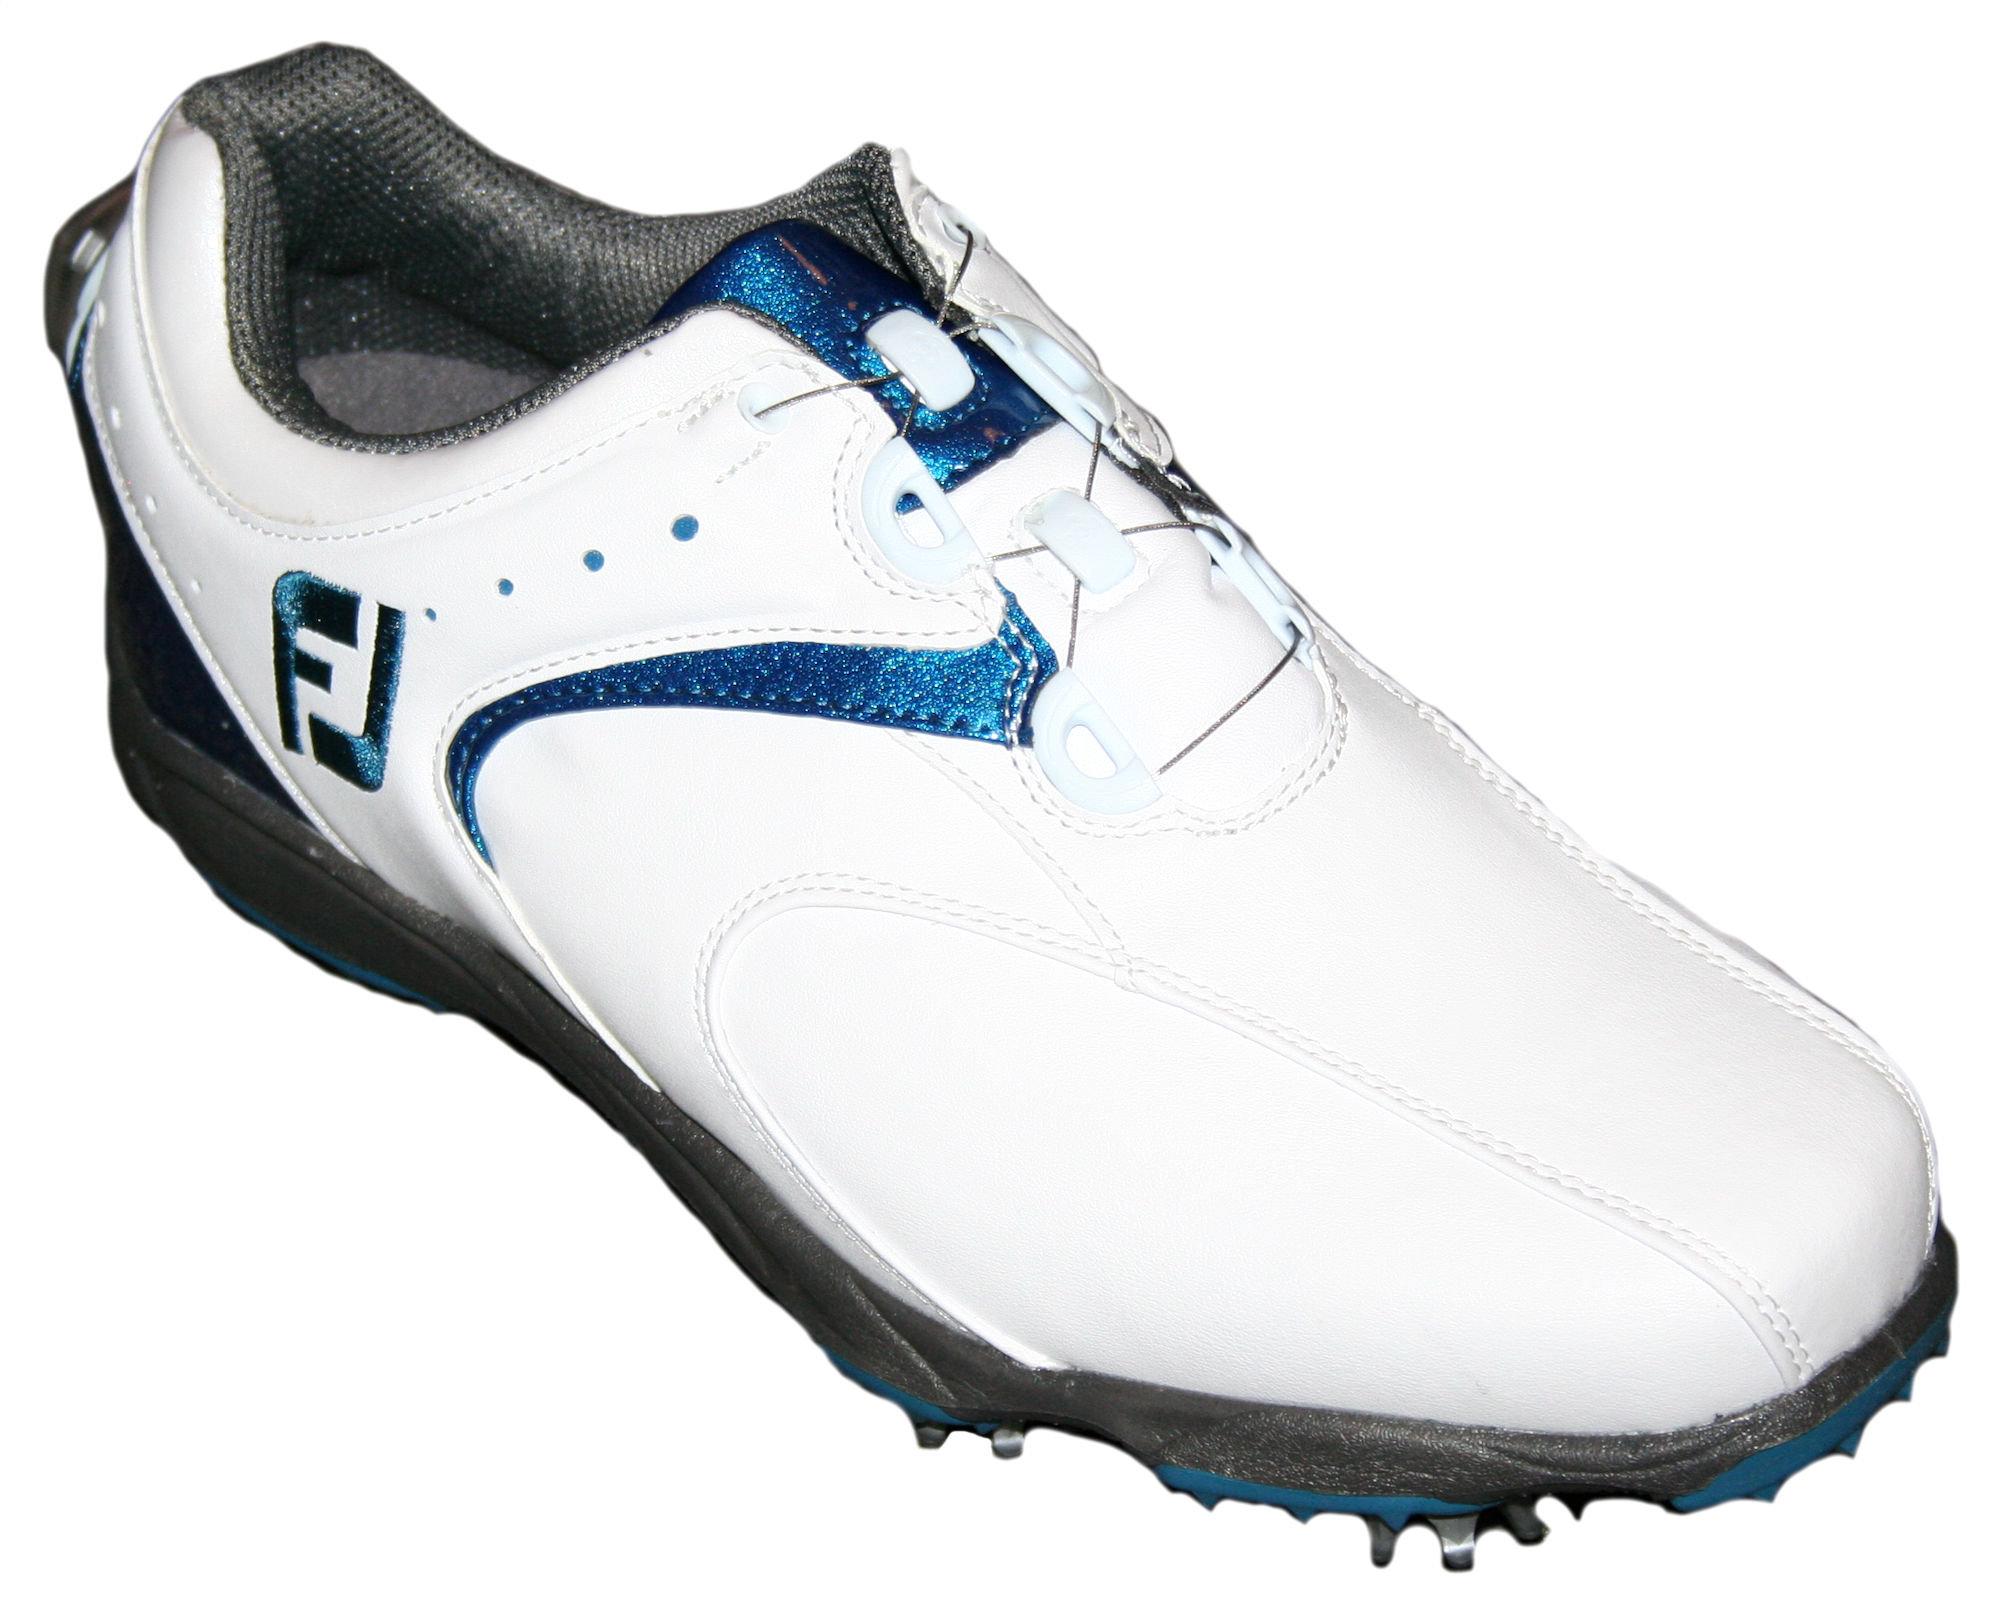 FootJoy New EXL BOA Golf Shoes, Men's